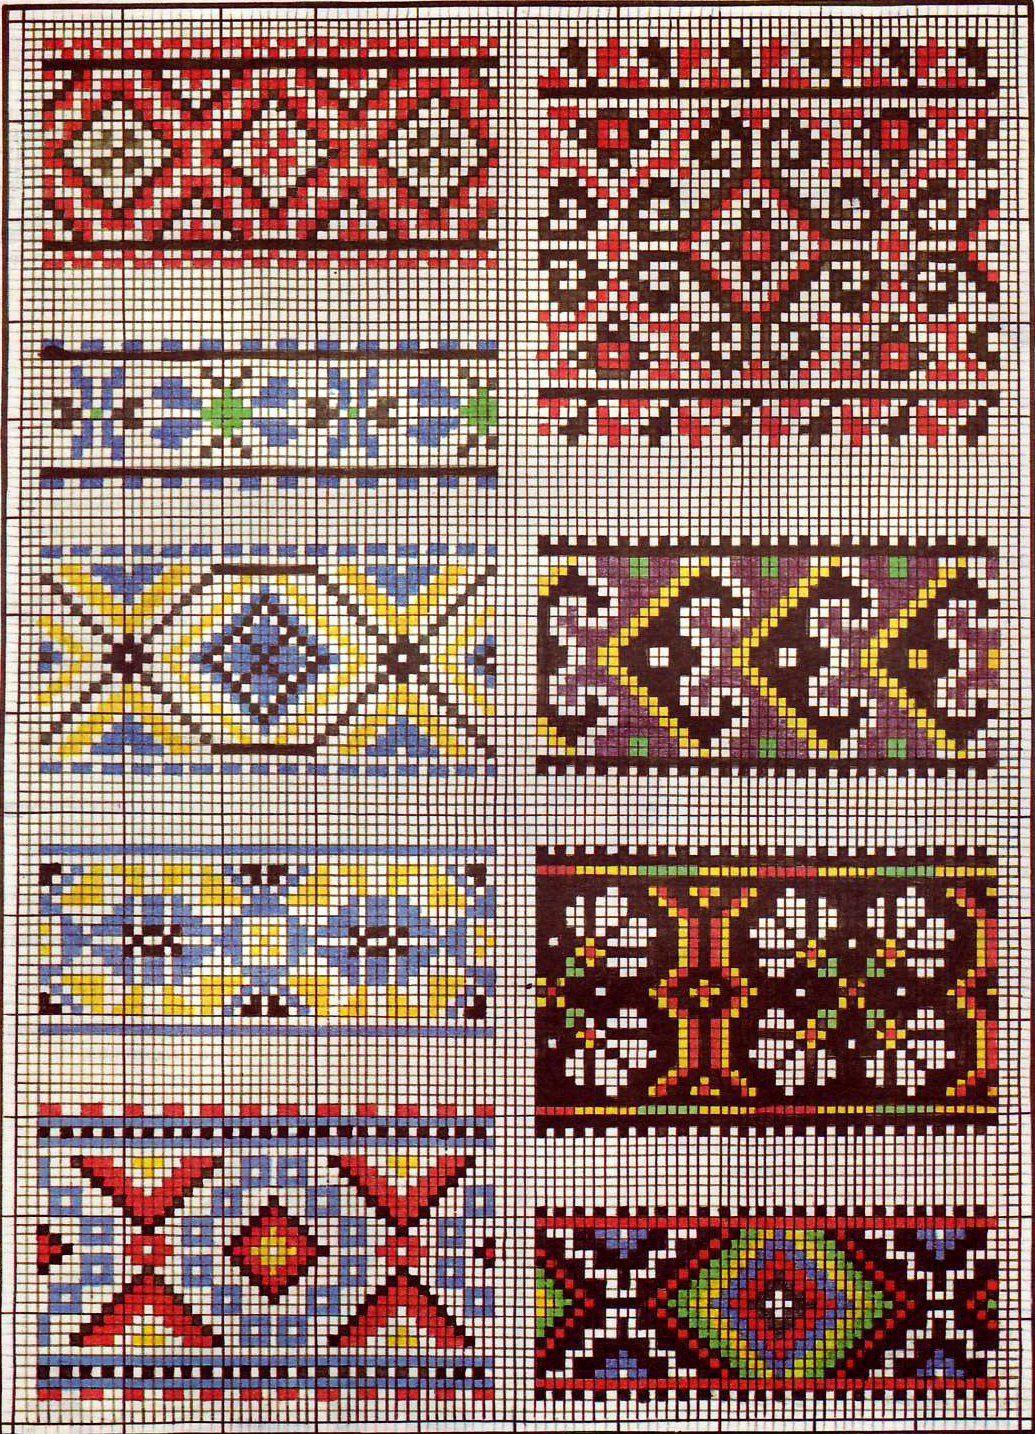 орнаменти Knitting Charts Cross Stitch Patterns Cross Stitch